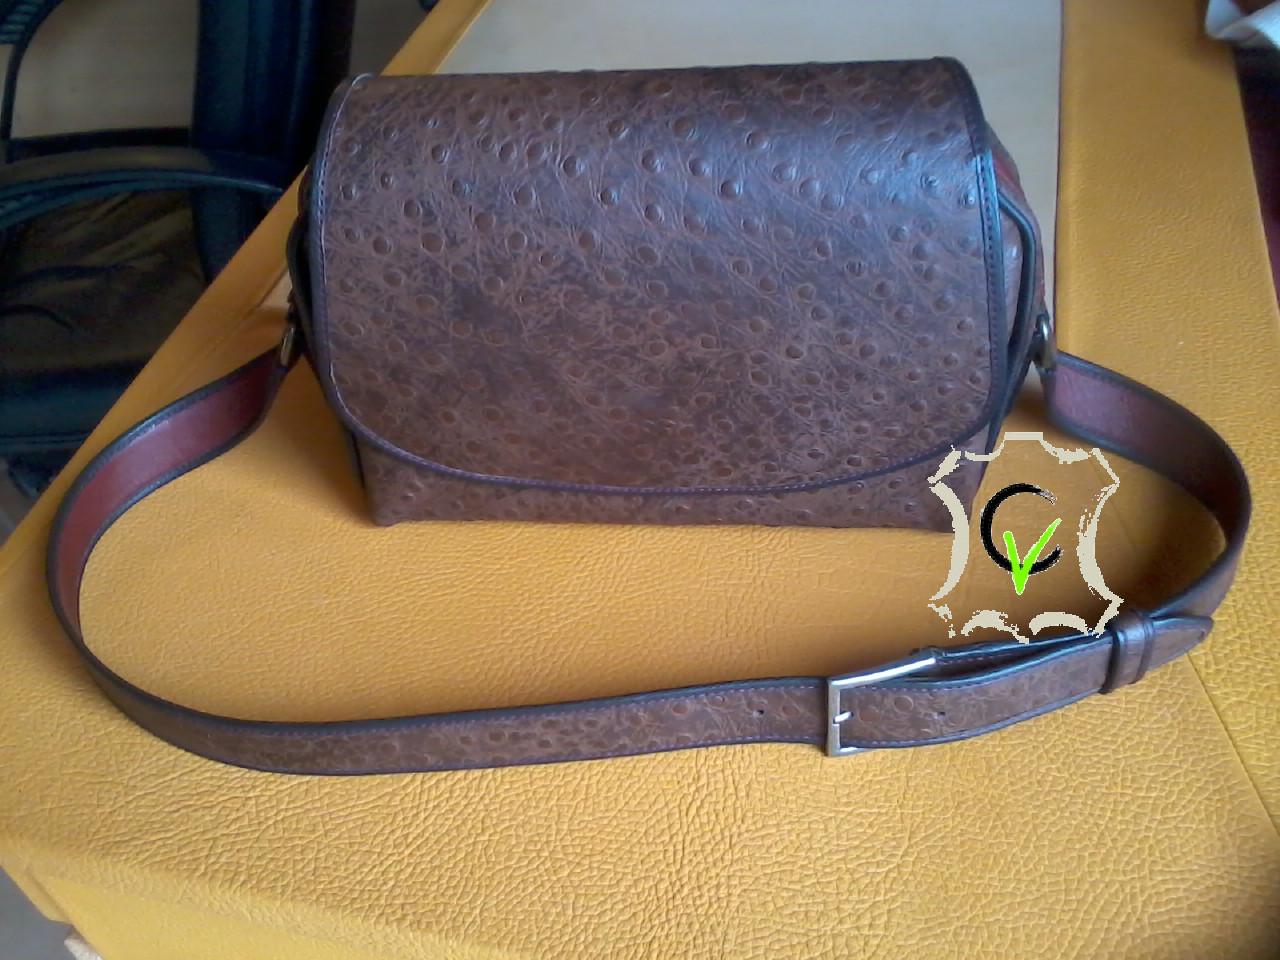 sac à main en cuir brun imitation autruche doublé mouton rouge brique